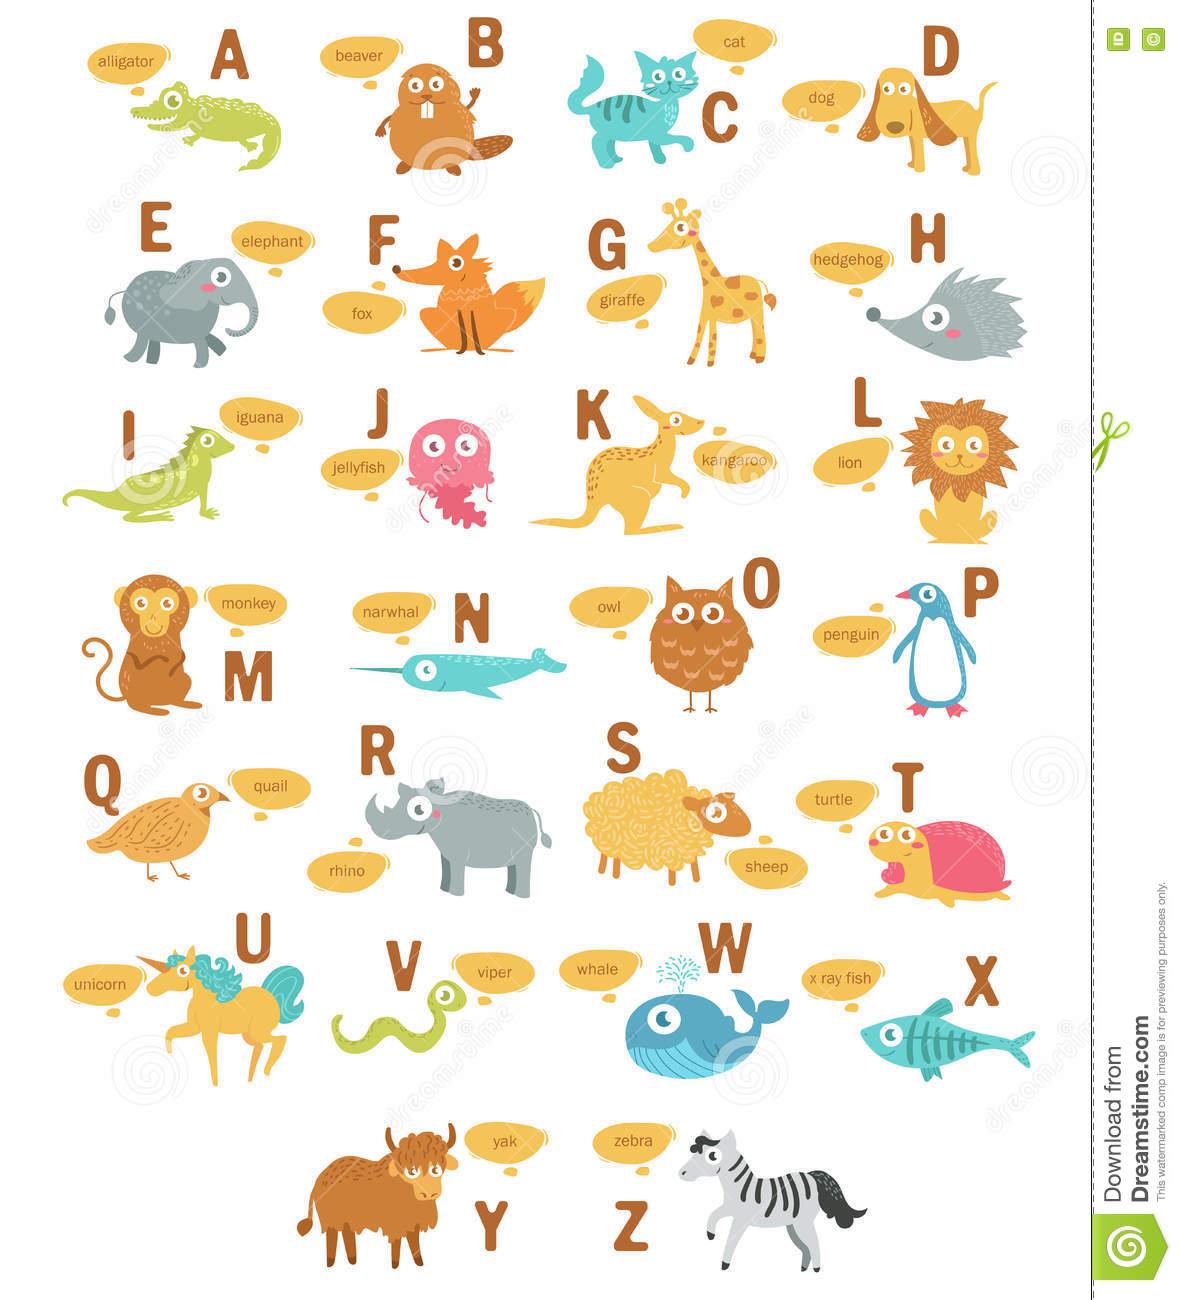 Das Alphabet Der Kinder Mit Tieren Vektor Abbildung innen Tiere Mit Anfangsbuchstaben A